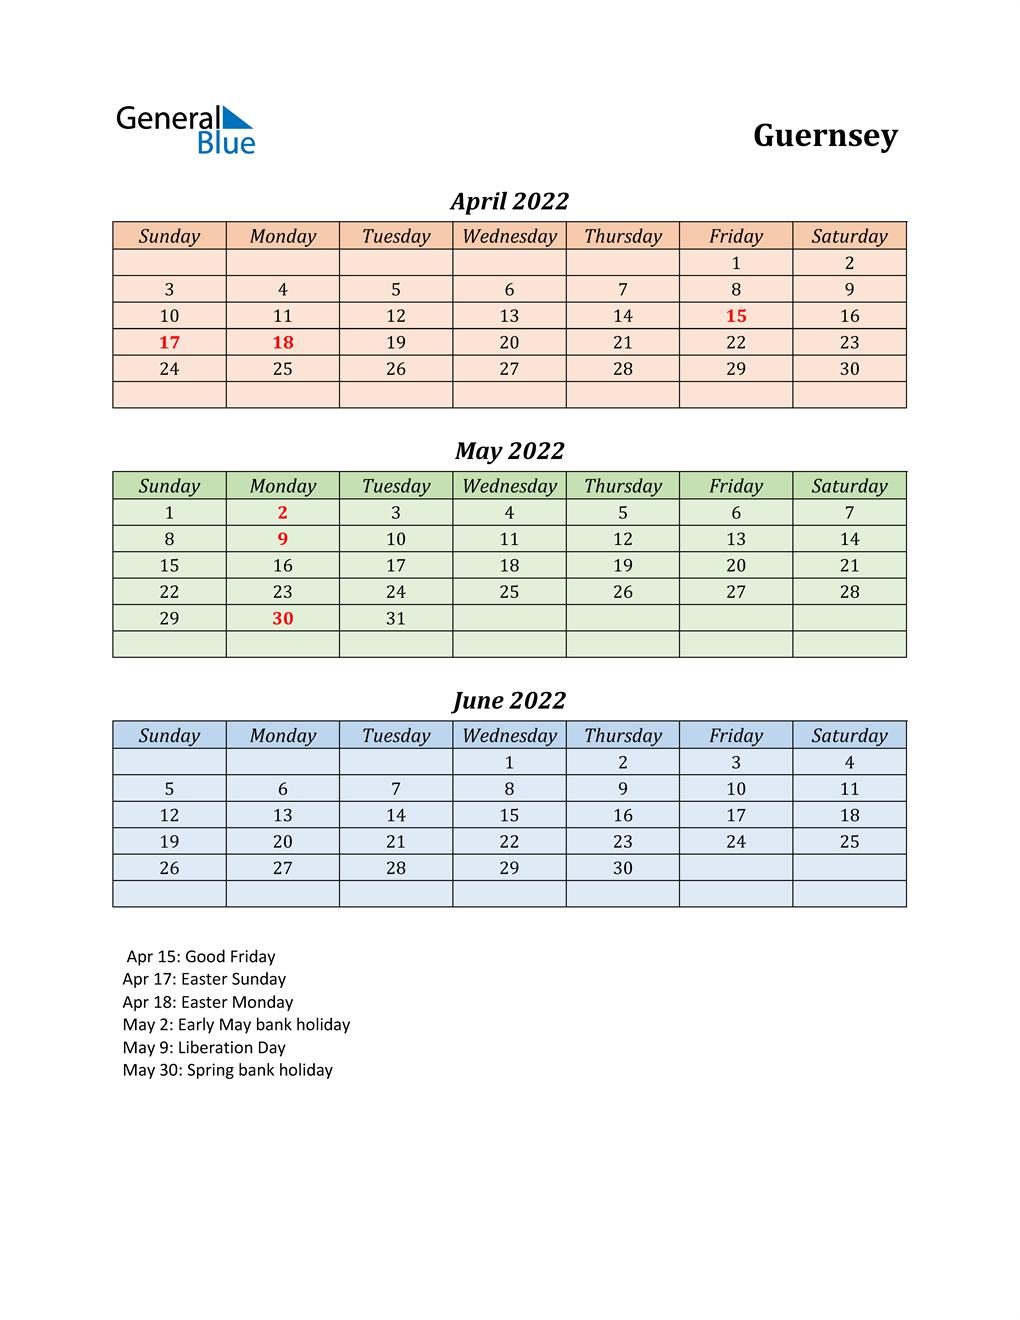 Q2 2022 Holiday Calendar - Guernsey